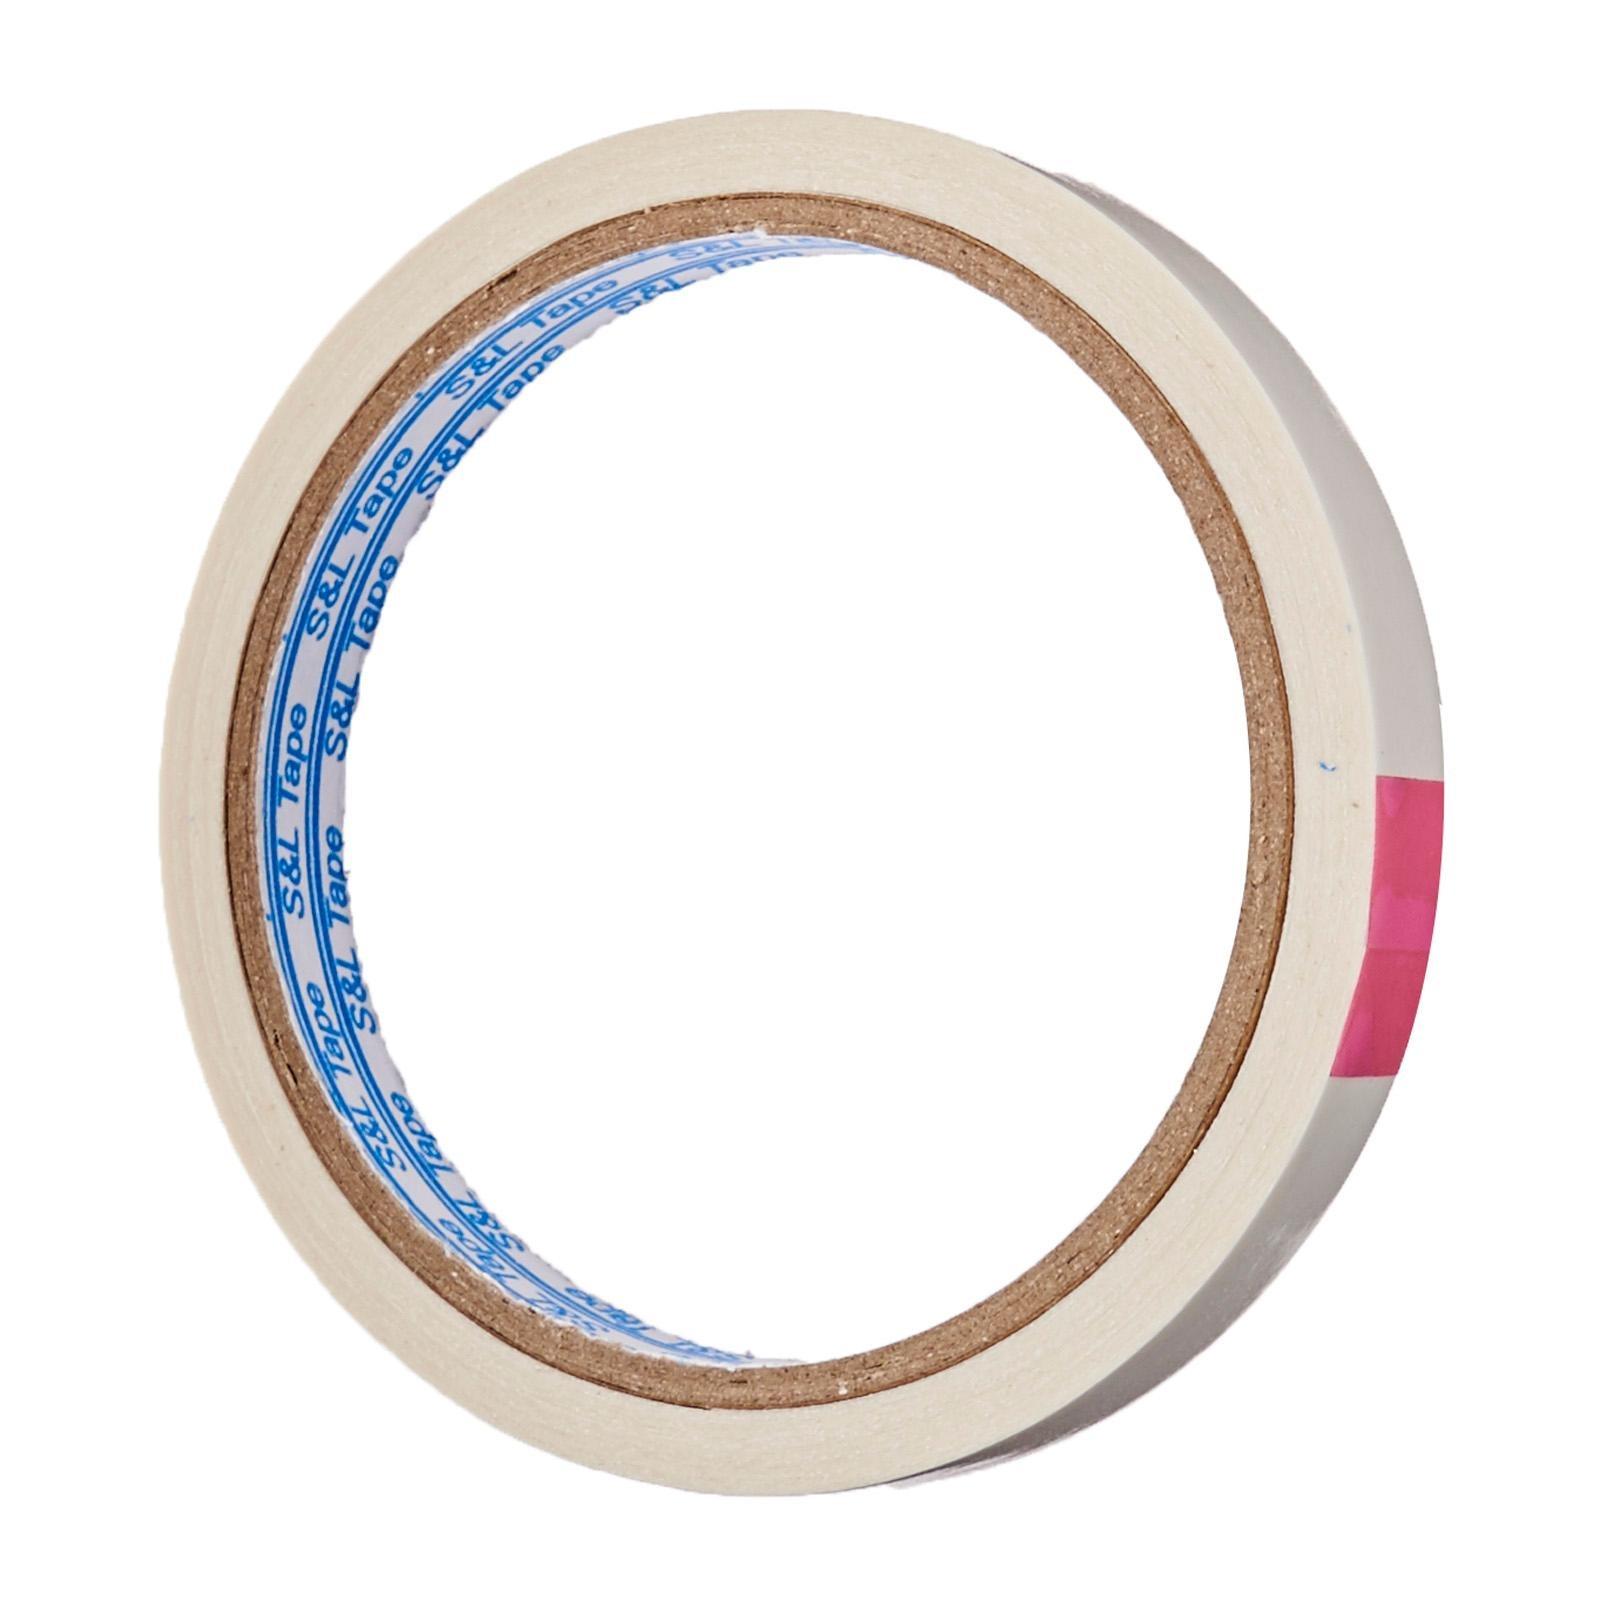 Steve & Leif Car Cleaning Cloth